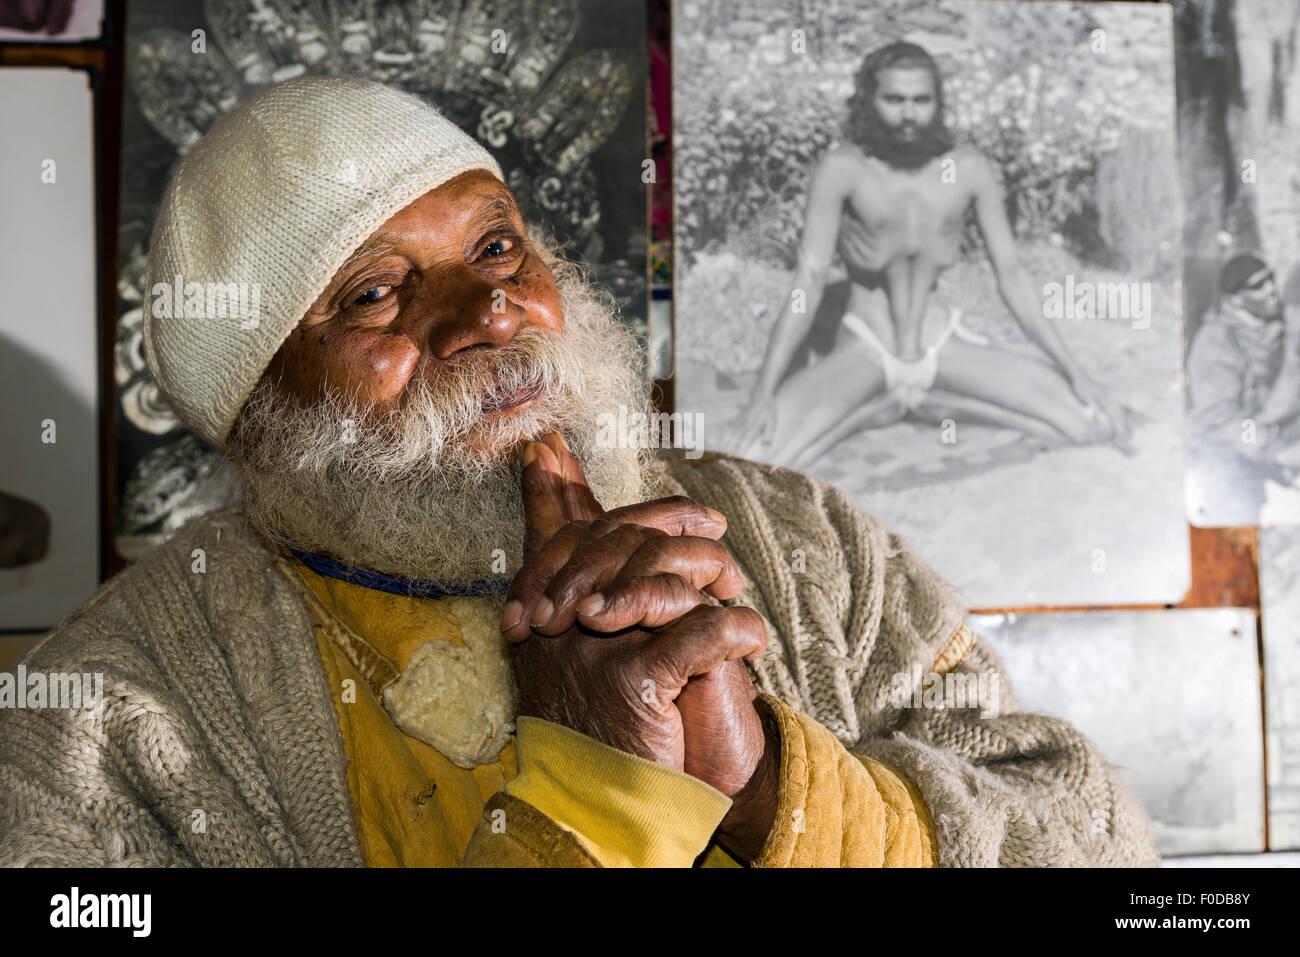 A portrait of Swami Sundaranand, a famous Sadhu, yogi and photographer, Gangotri, Uttarakhand, India - Stock Image